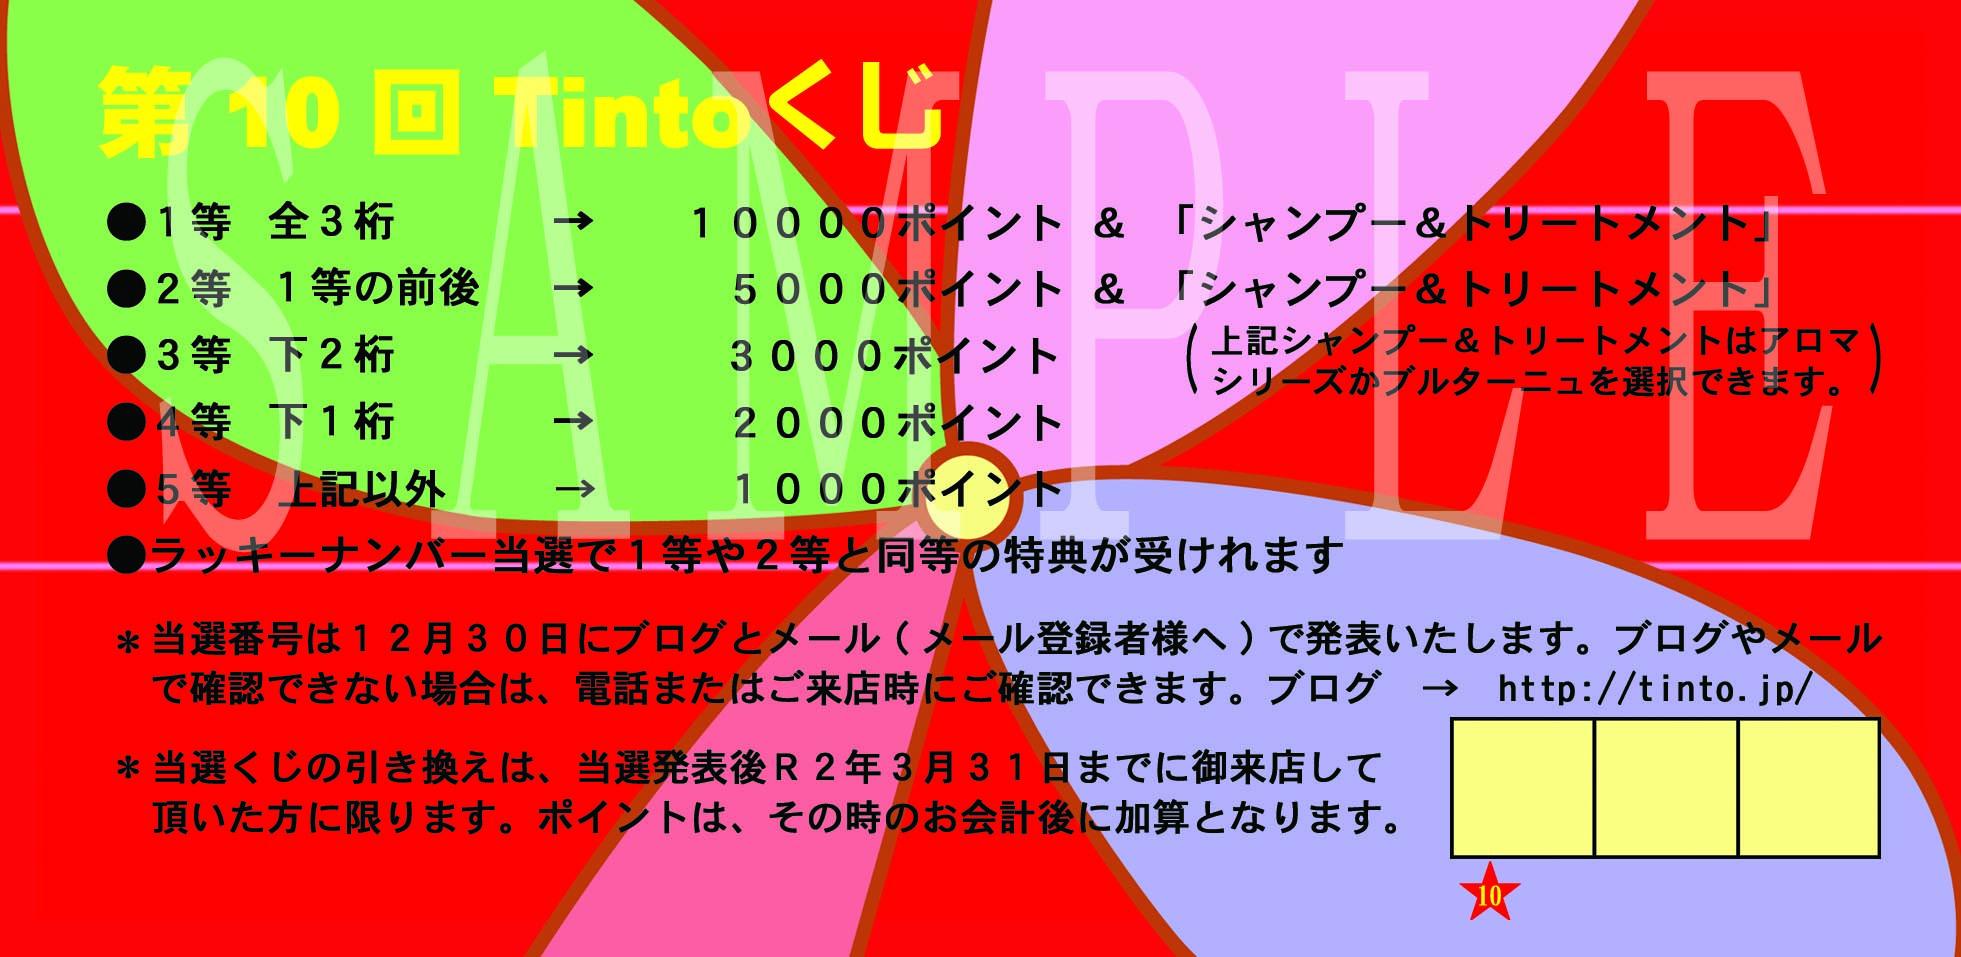 今年は第10回!Tintoくじ~♪